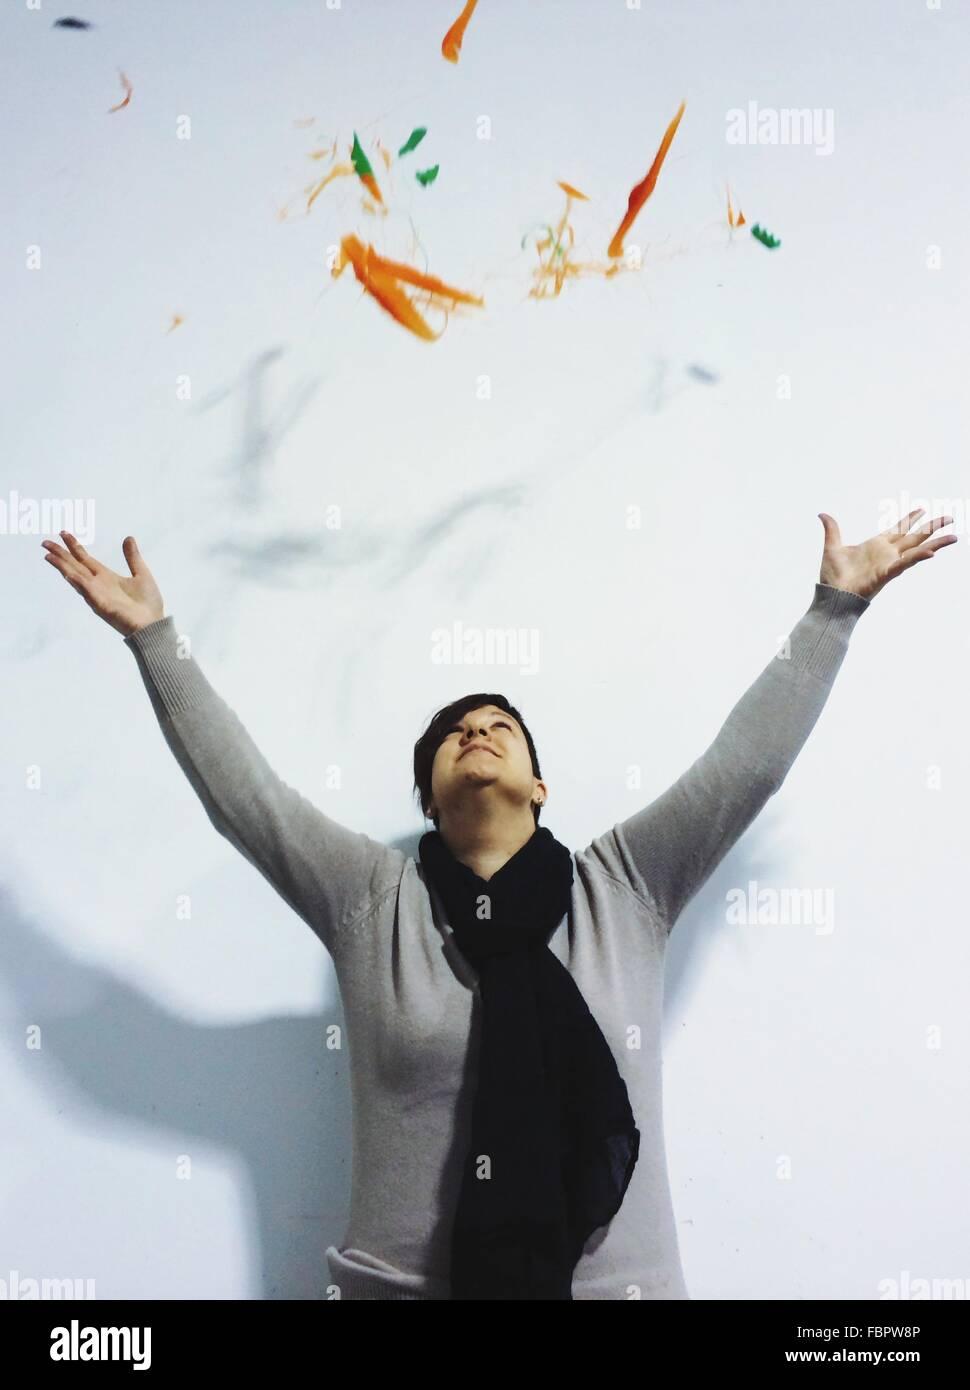 Junge Frau wirft farbige Partikel vor weißem Hintergrund Stockbild